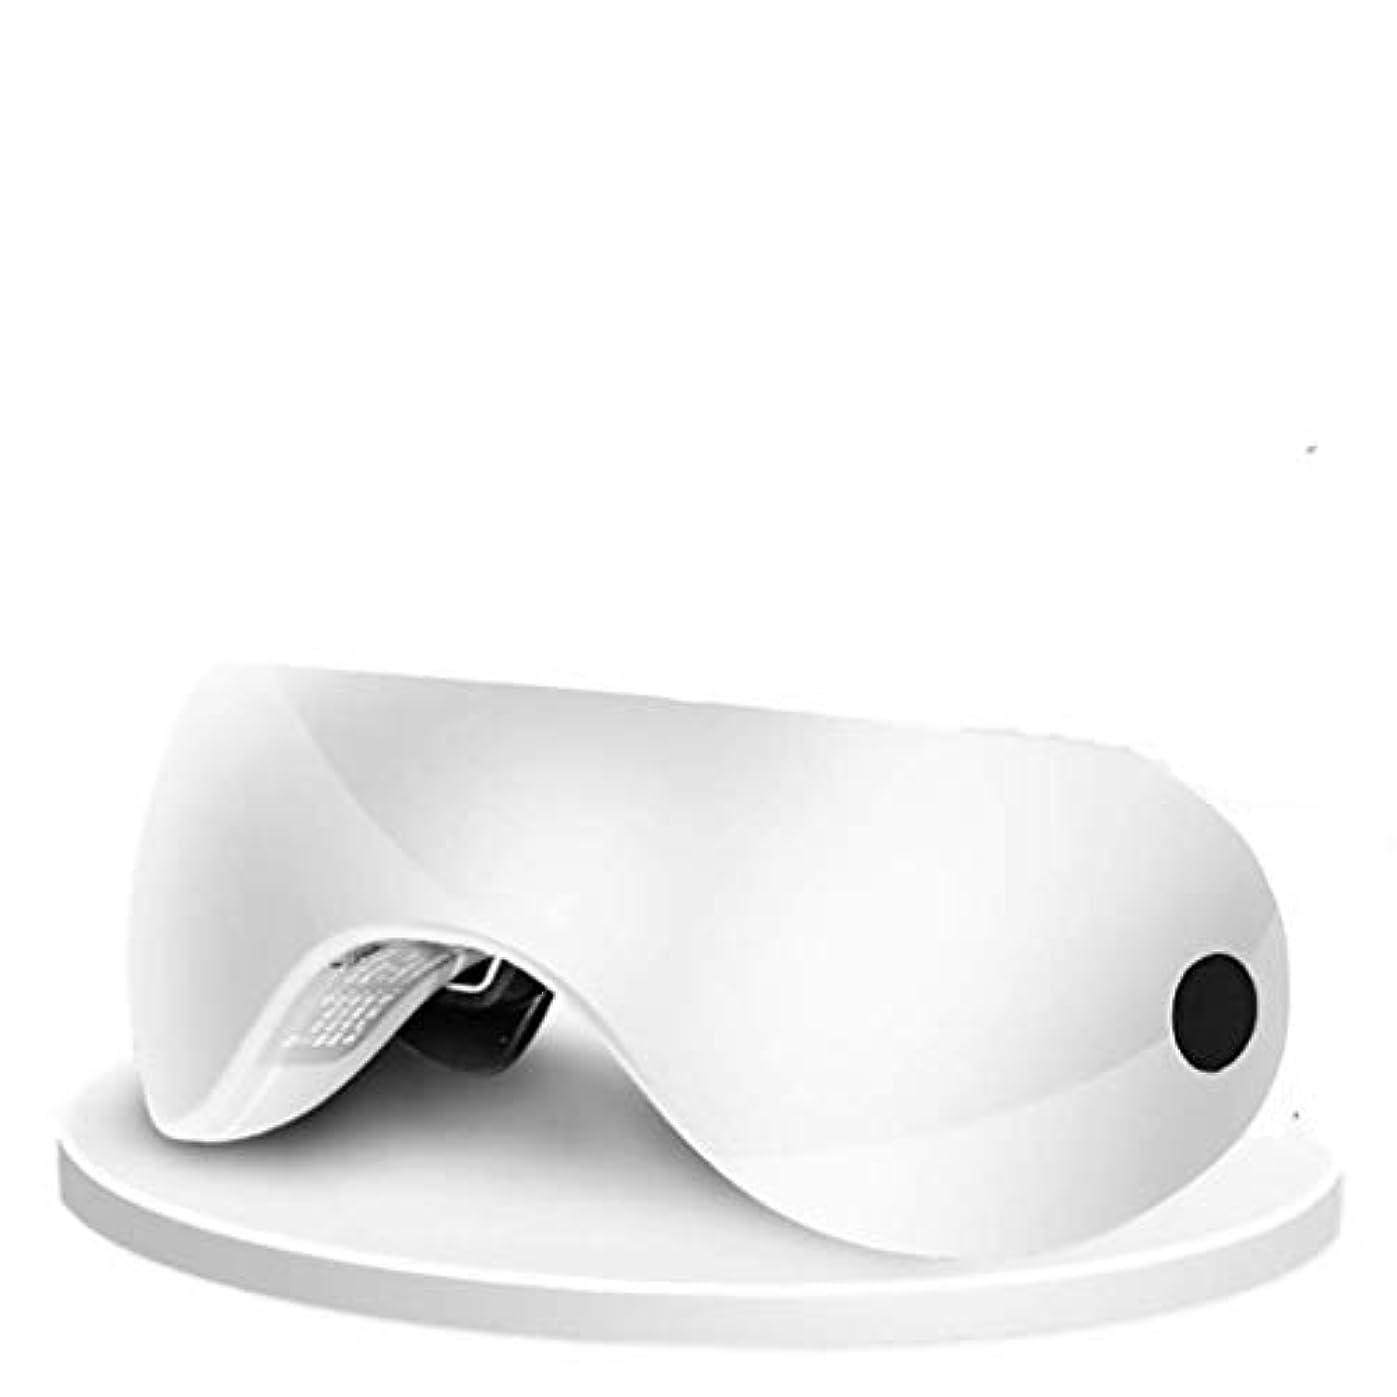 無視引用タイピスト多機能アイマッサージャー、180°折りたたみ/USB充電モード、気圧/振動/Bluetoothライトミュージック、旅行に便利/通気性、視覚保護デバイス、近視/乱視矯正